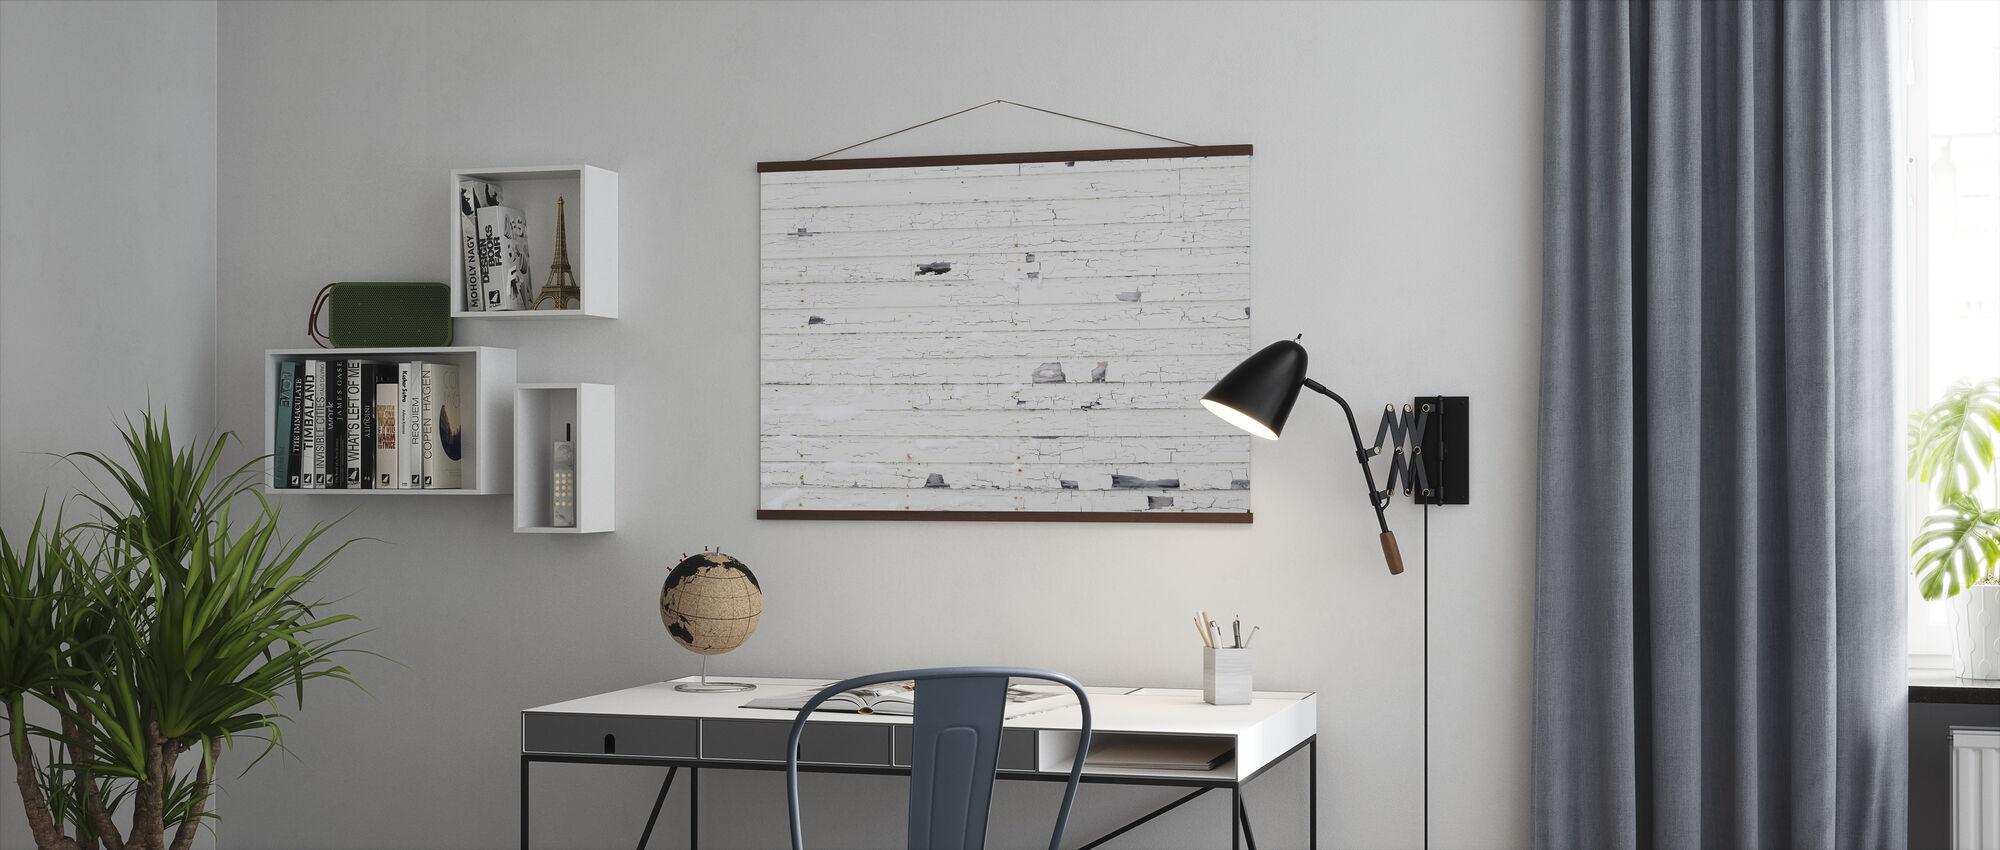 Witte Houtenmuur met Sneeuw - Poster - Kantoor